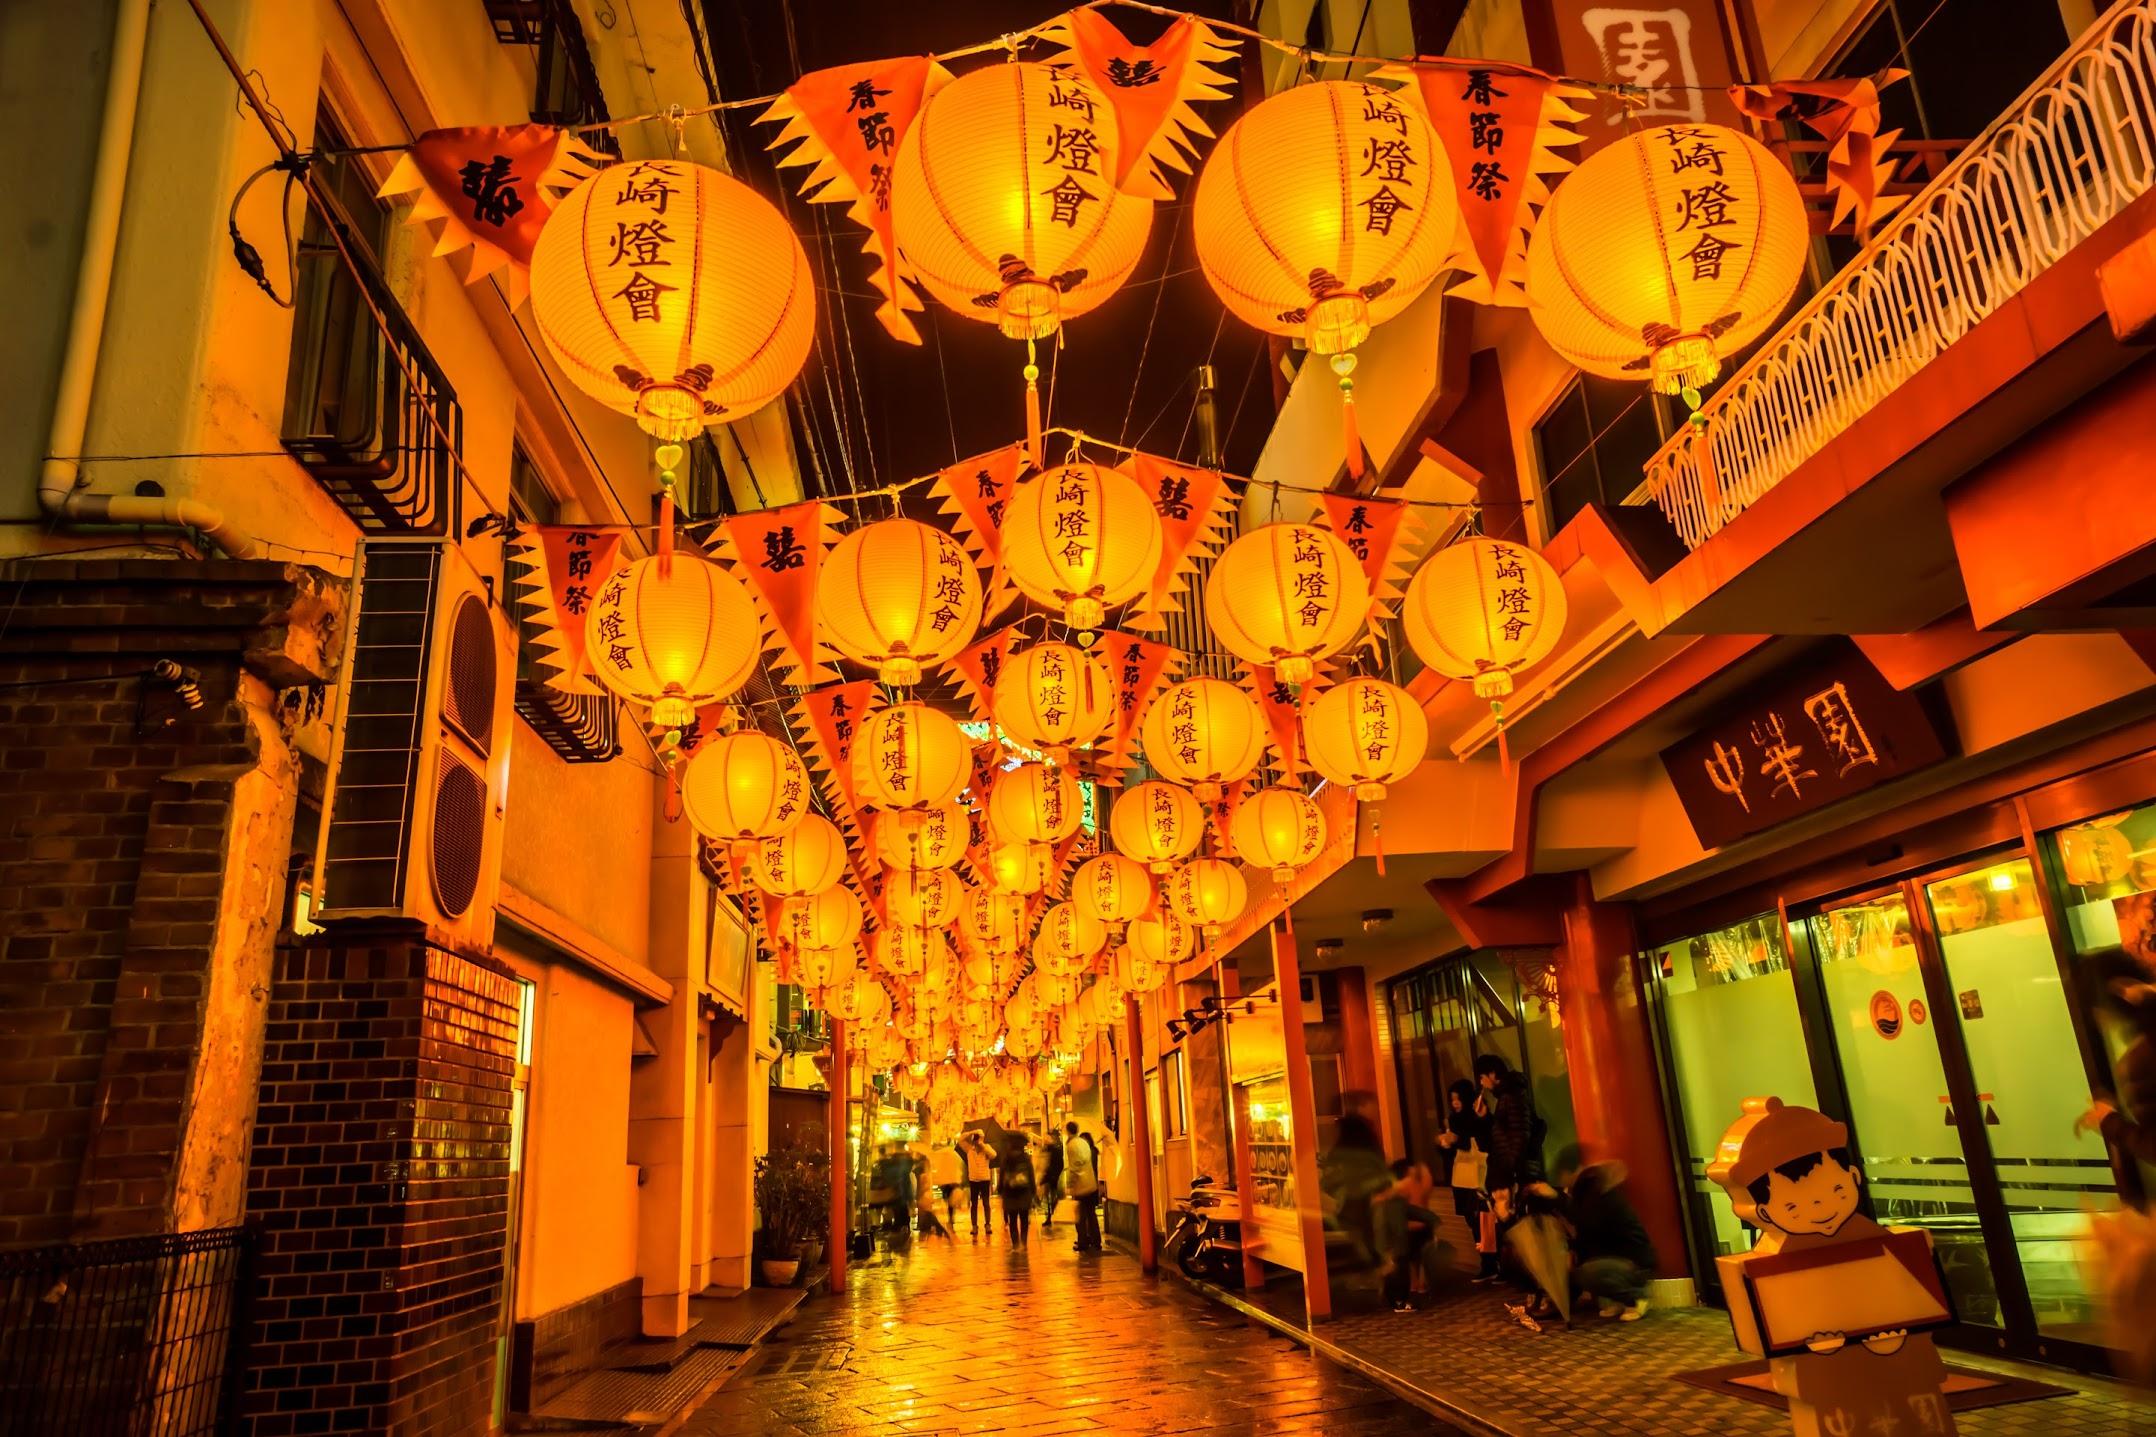 長崎ランタンフェスティバル 中華街3